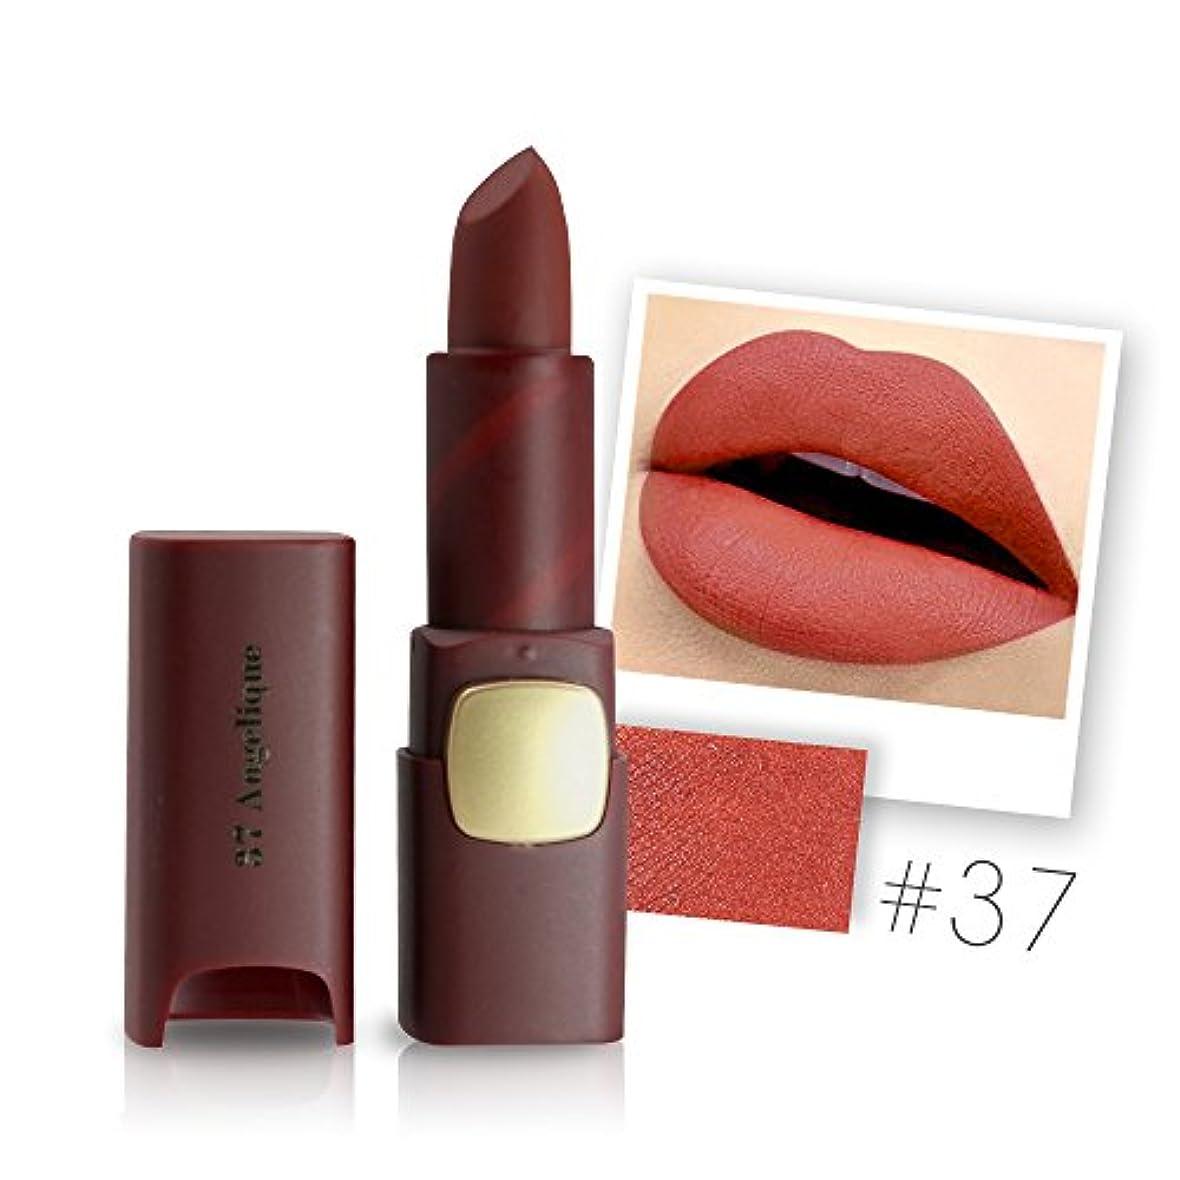 寄付するパノラマ肘掛け椅子Miss Rose Brand Matte Lipstick Waterproof Lips Moisturizing Easy To Wear Makeup Lip Sticks Gloss Lipsticks Cosmetic